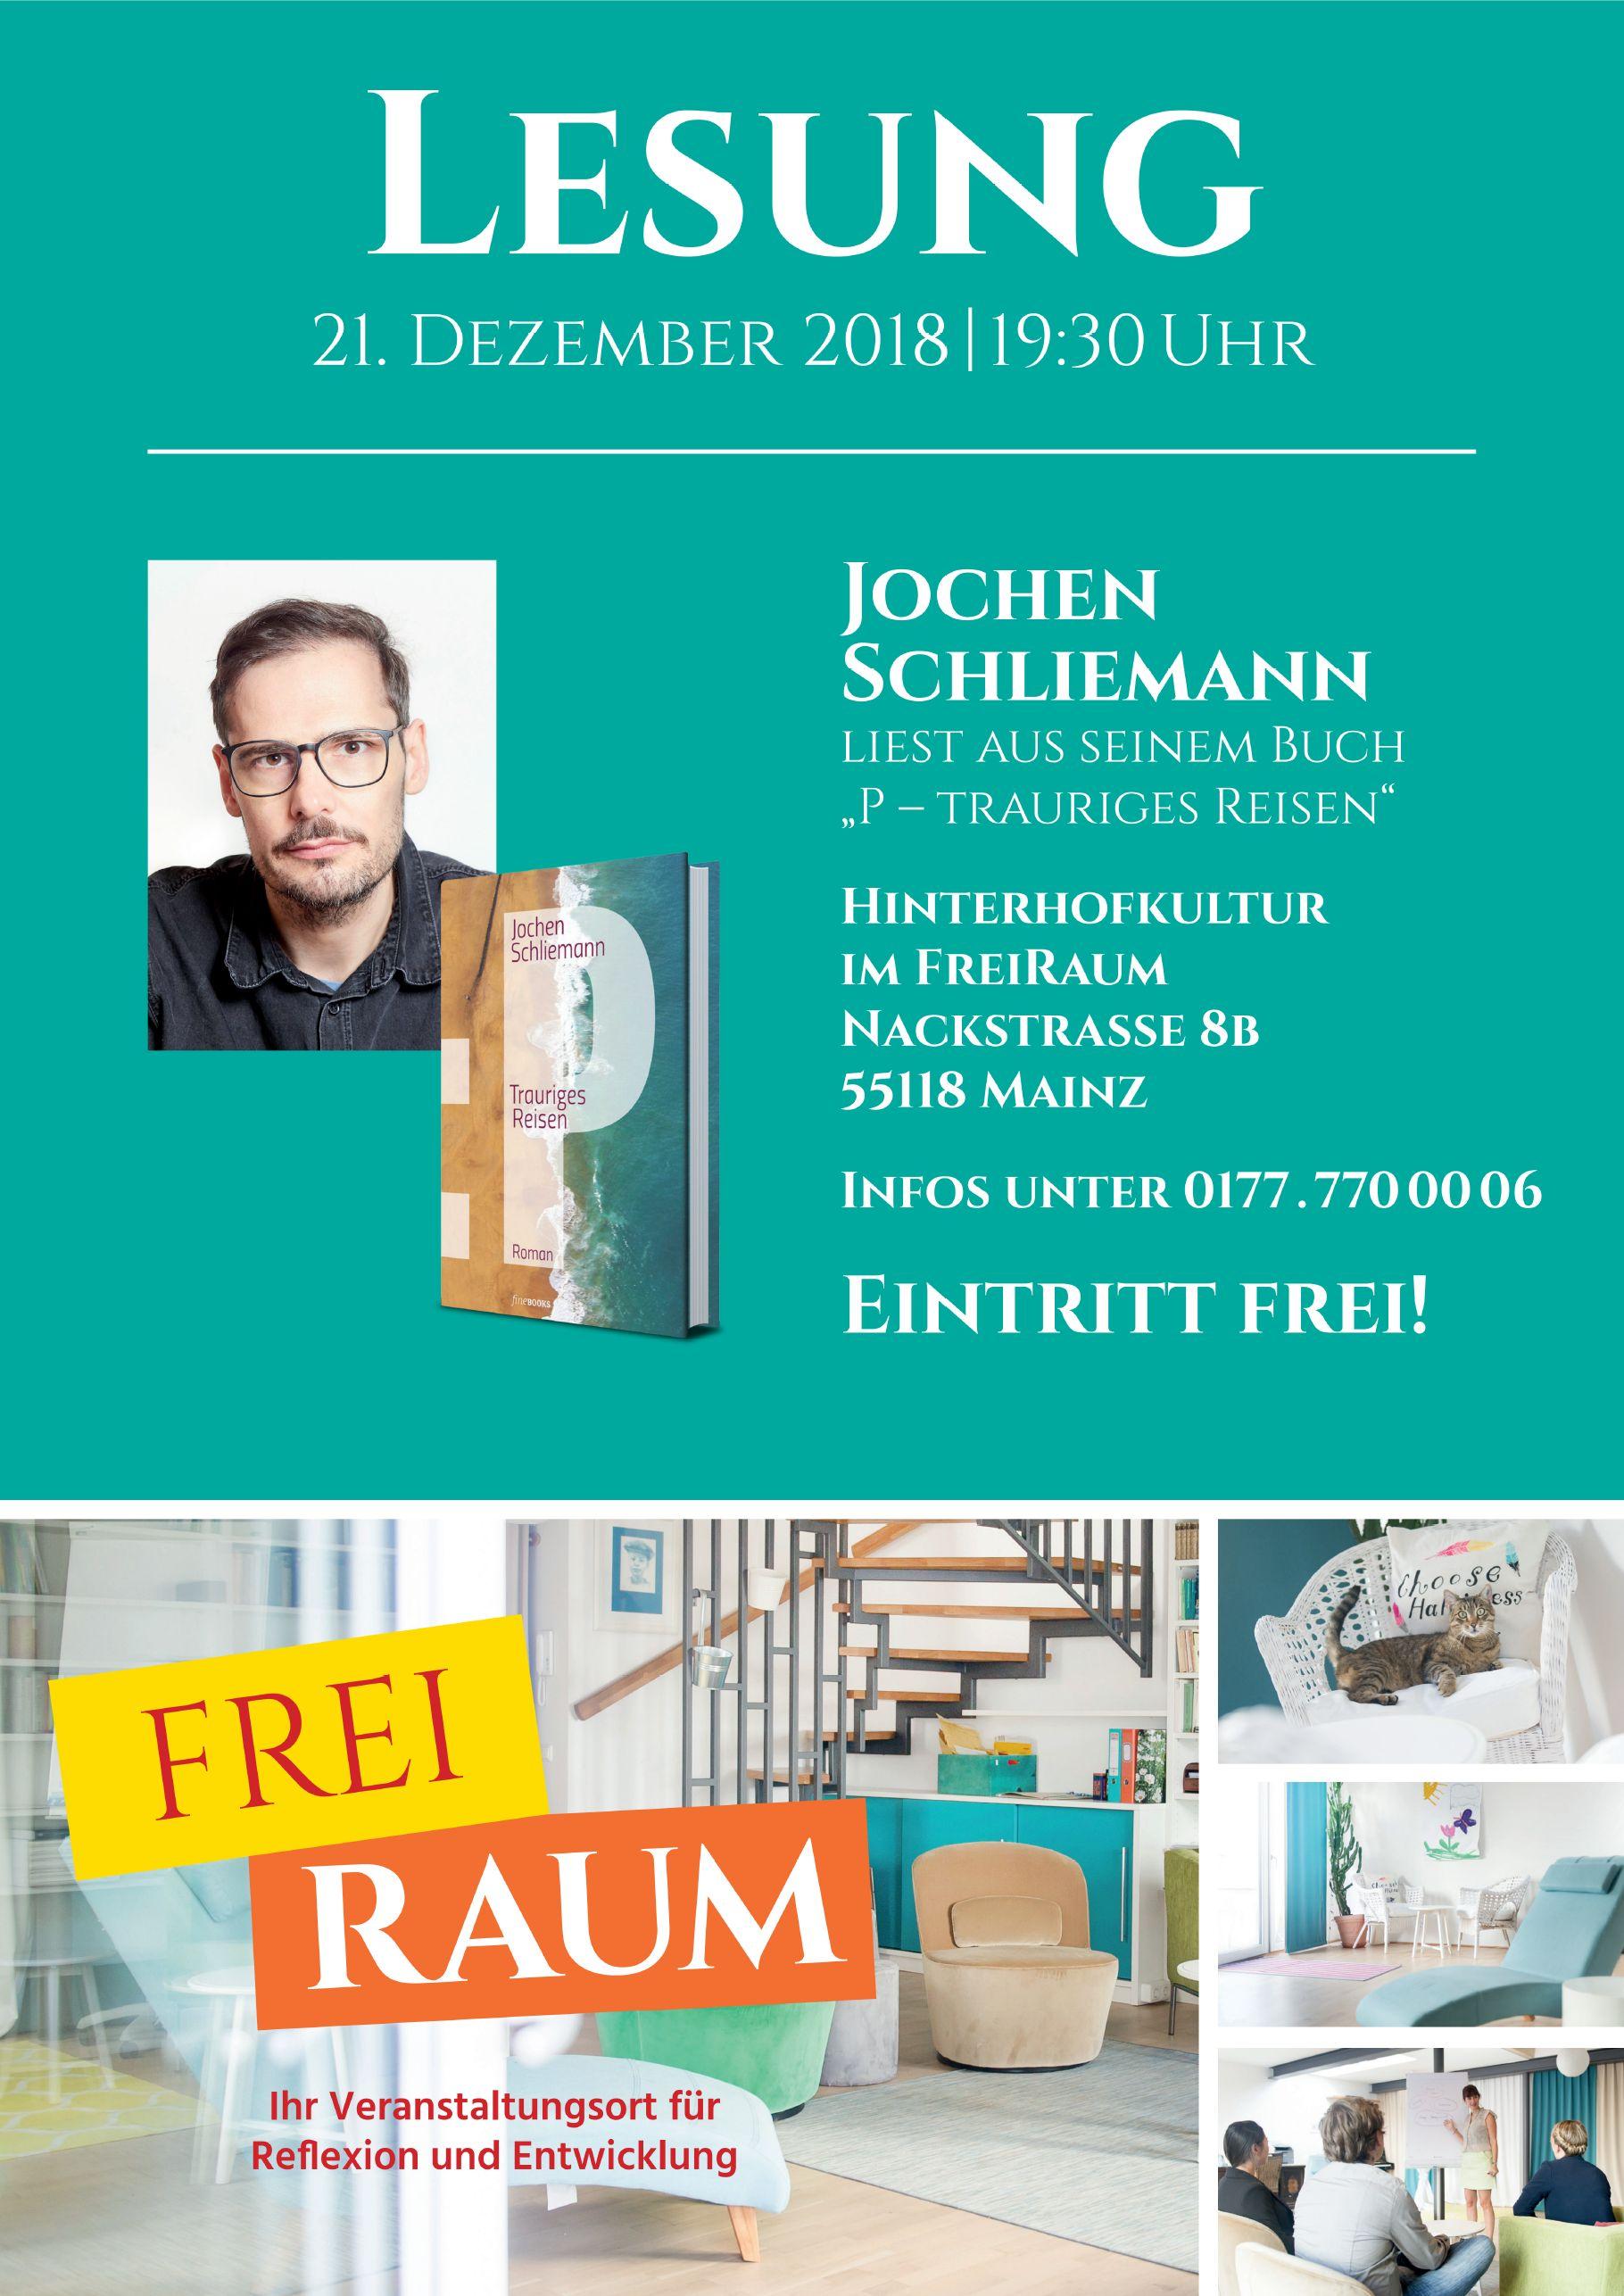 Jochen Schliemann